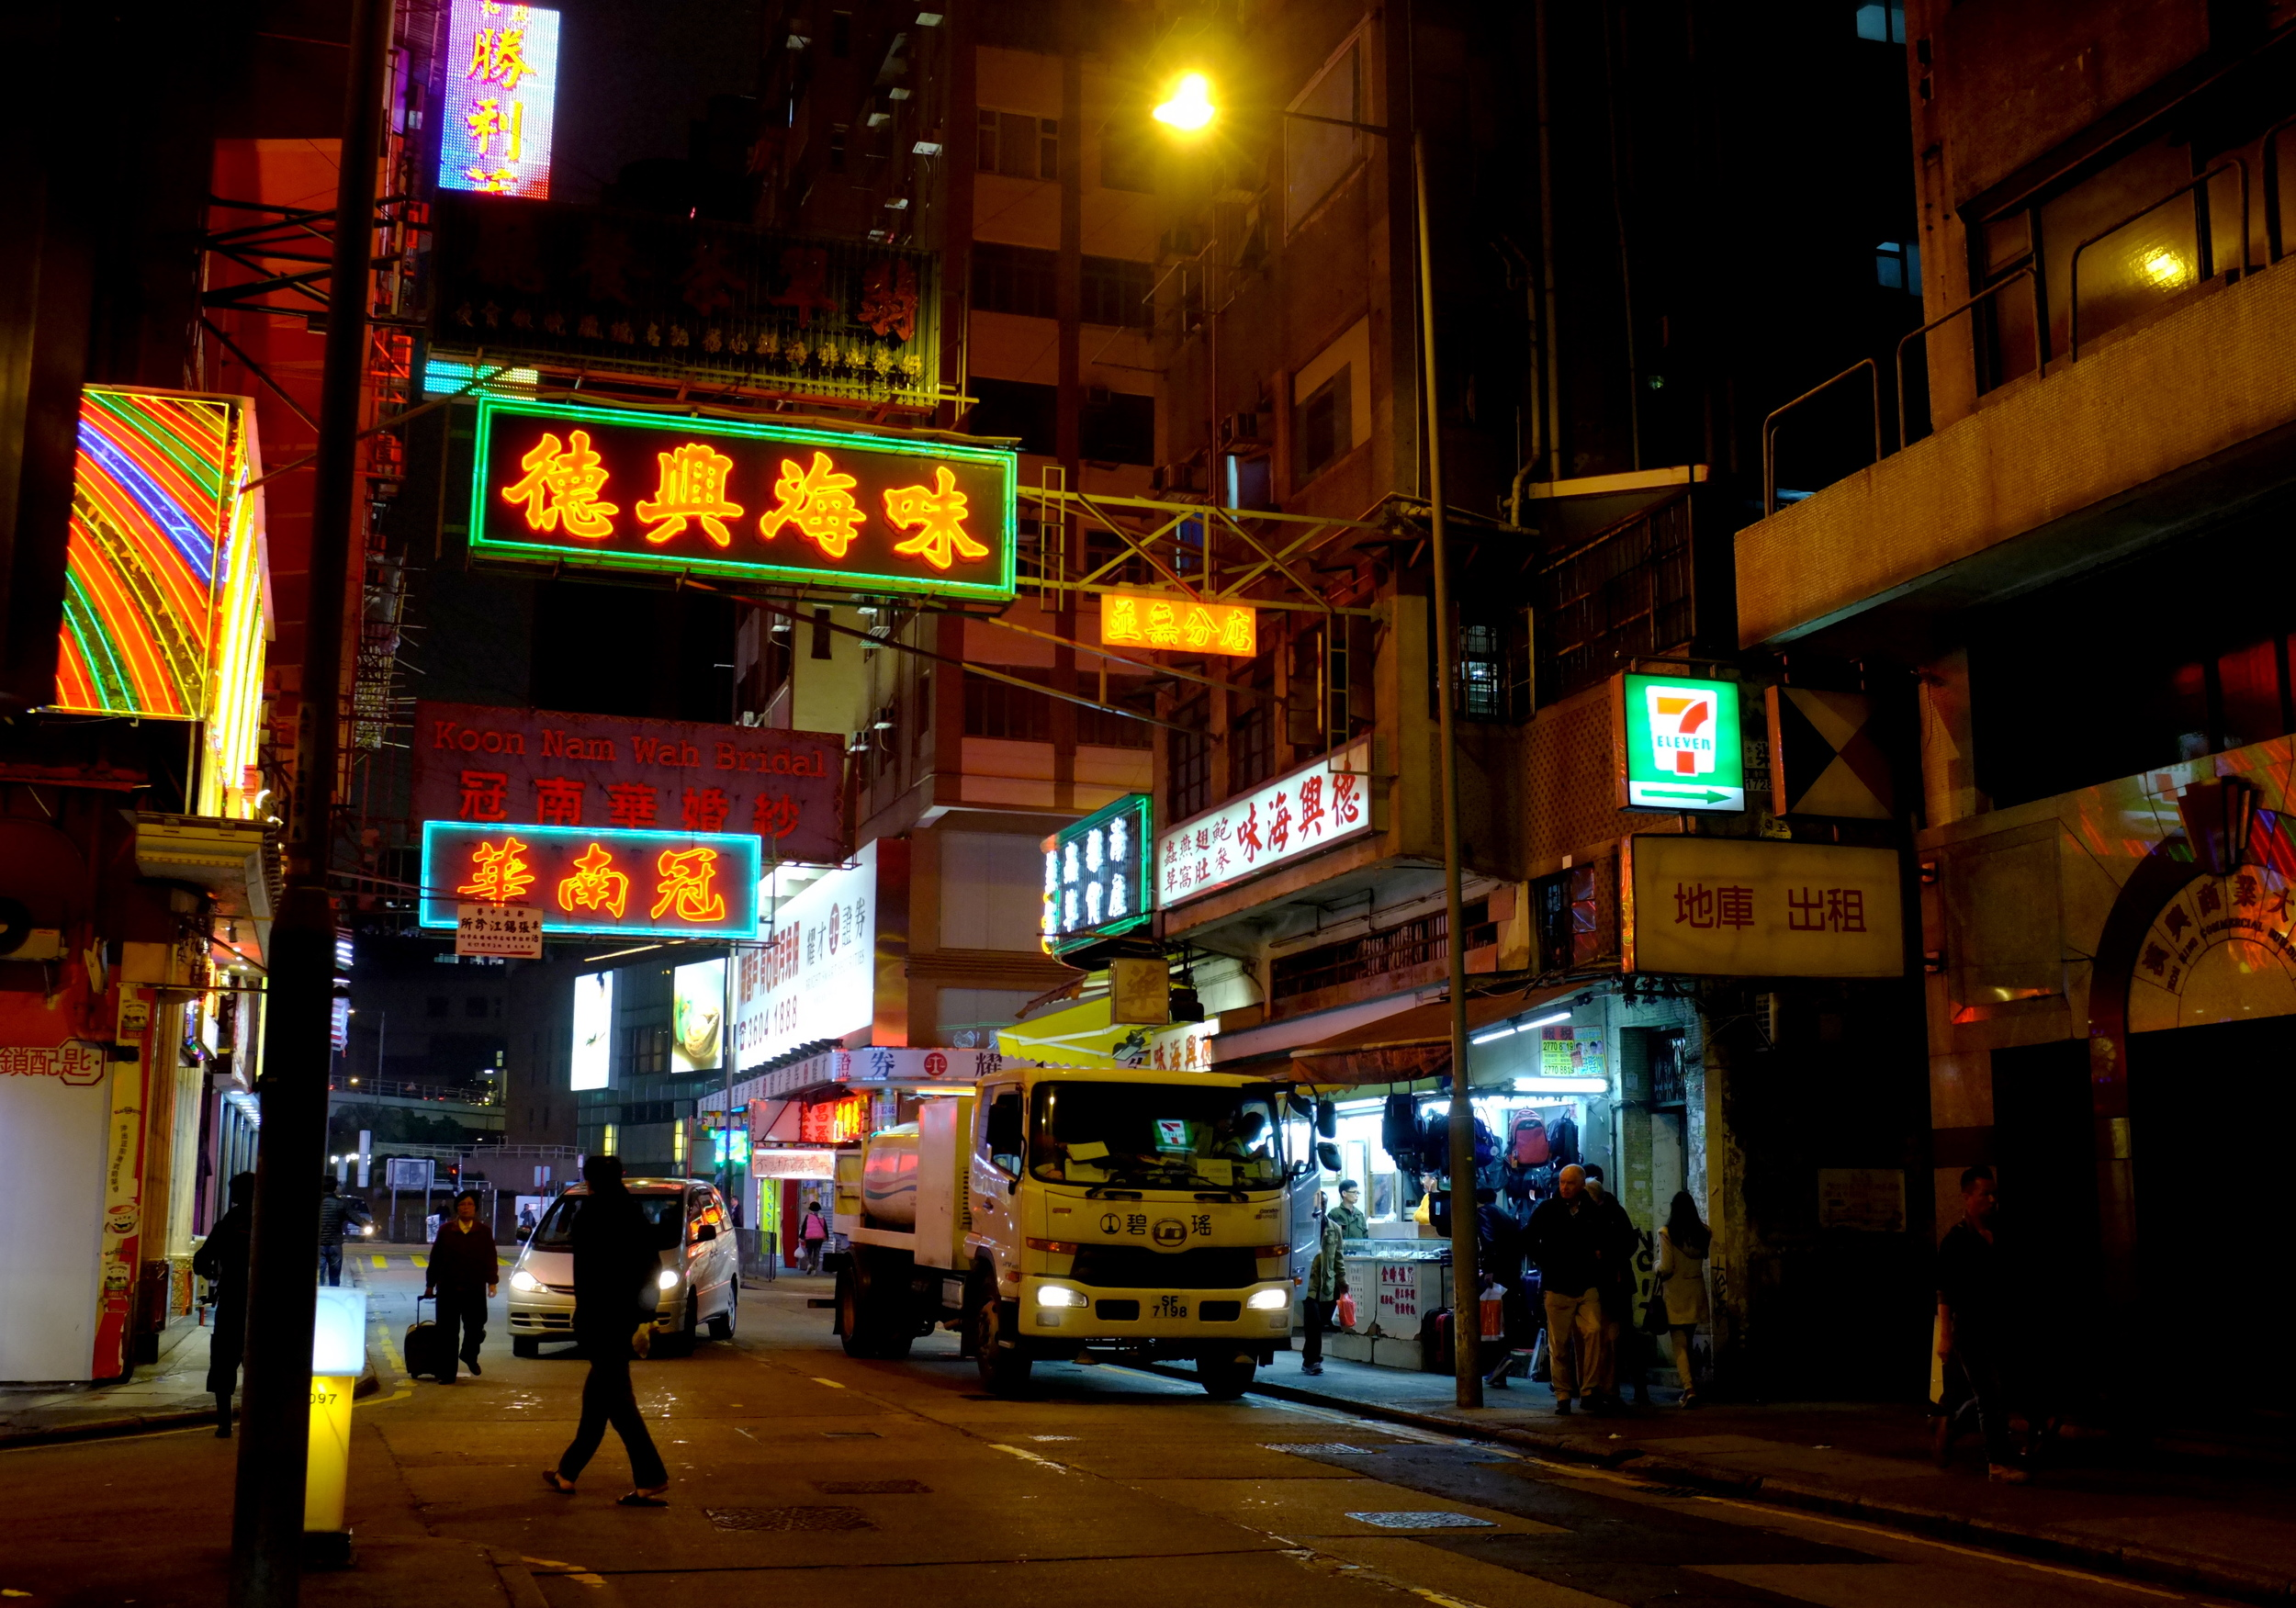 Street in Yau Ma Tei, Kowloon